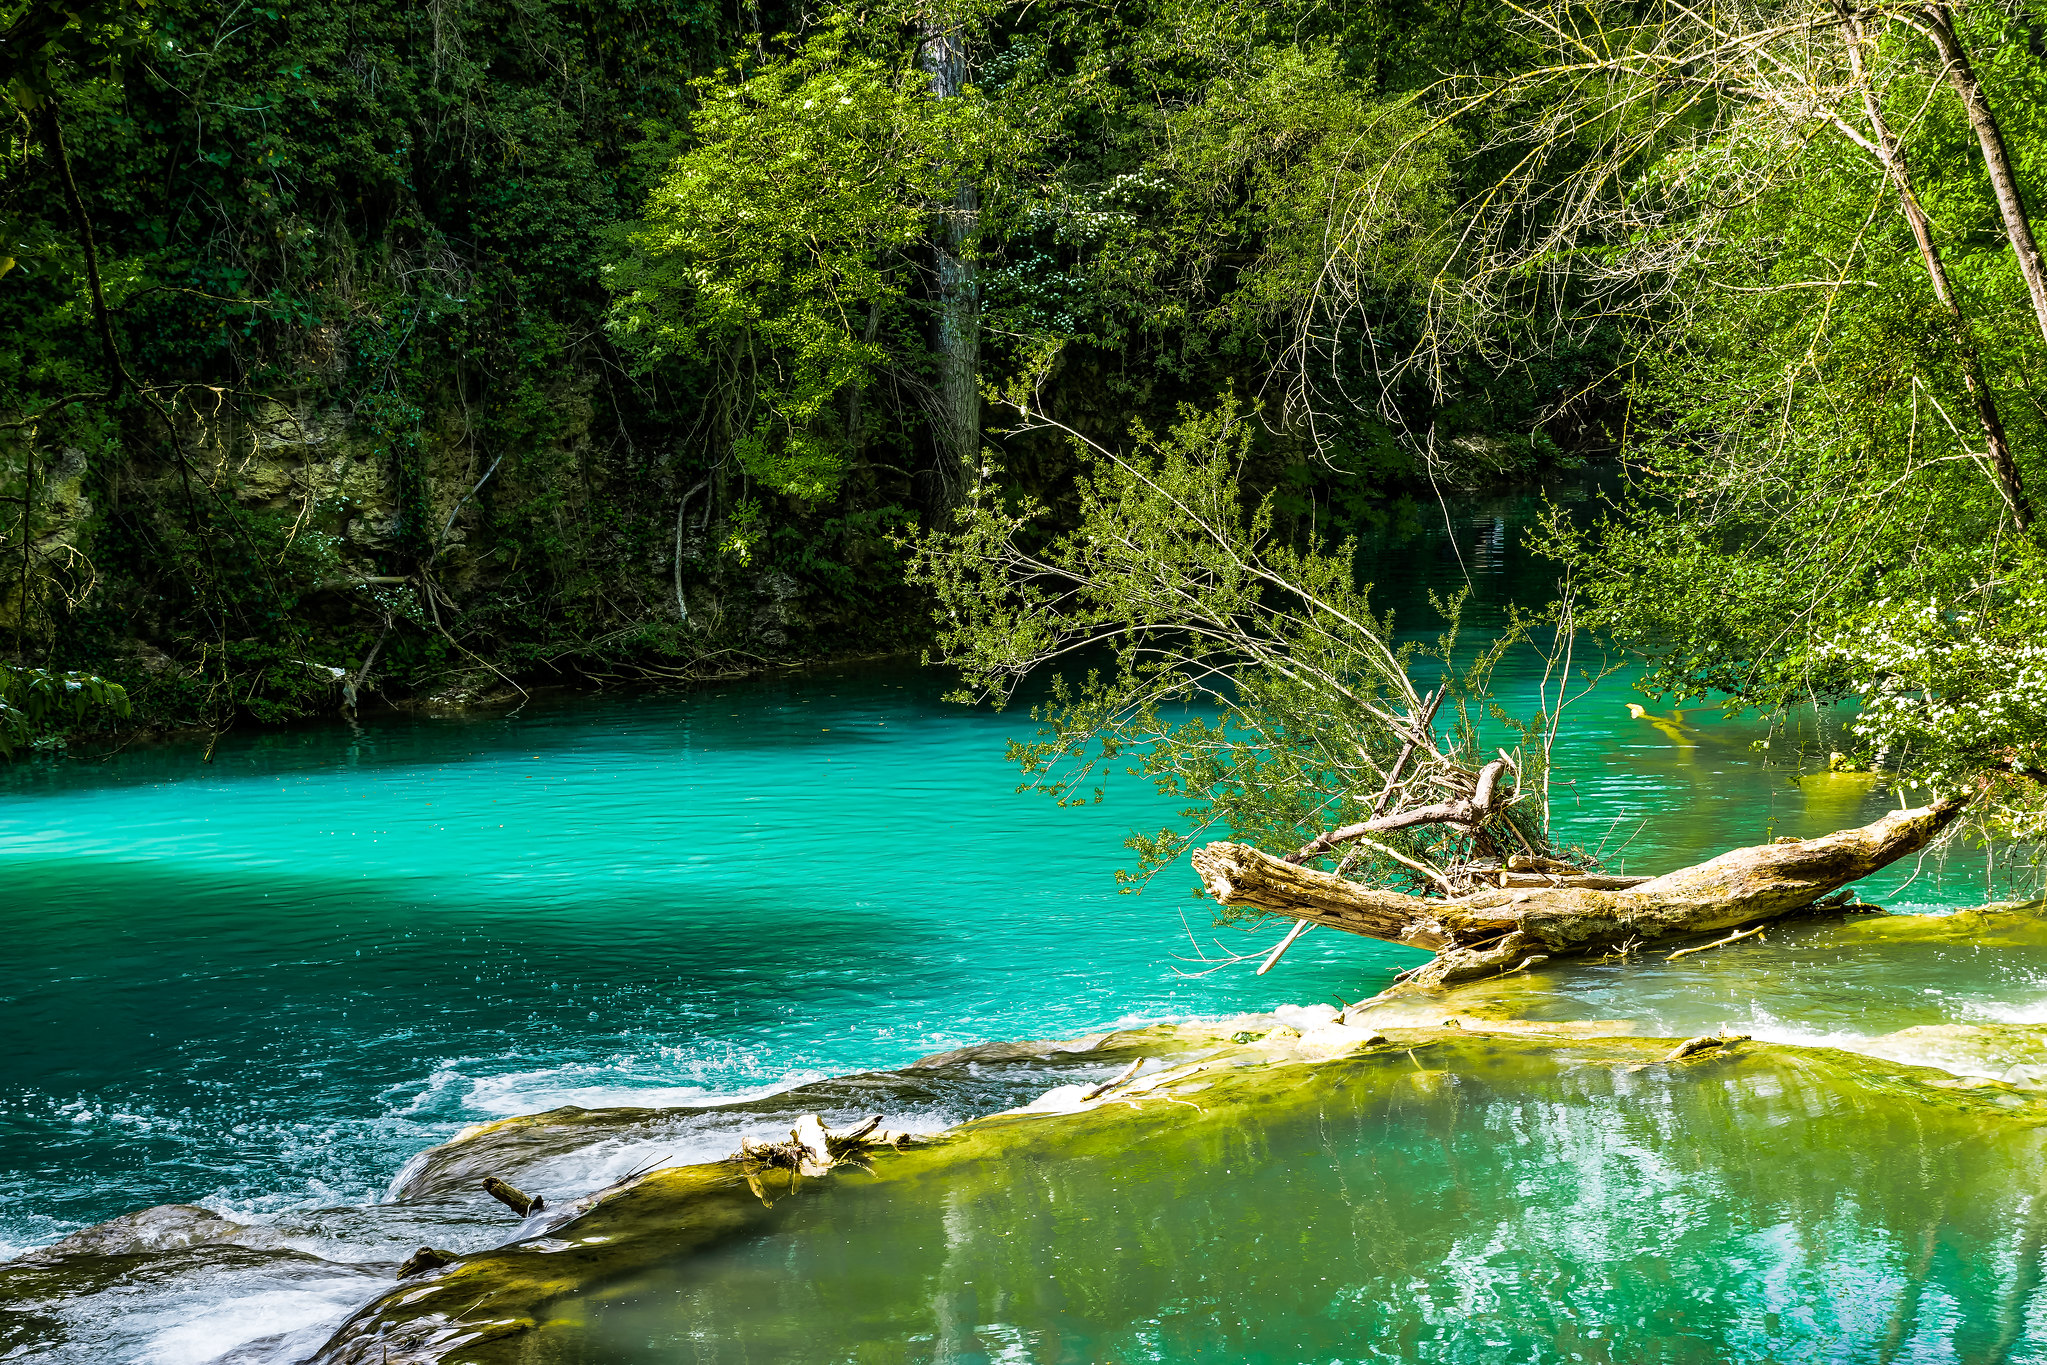 fiume elsa toscana